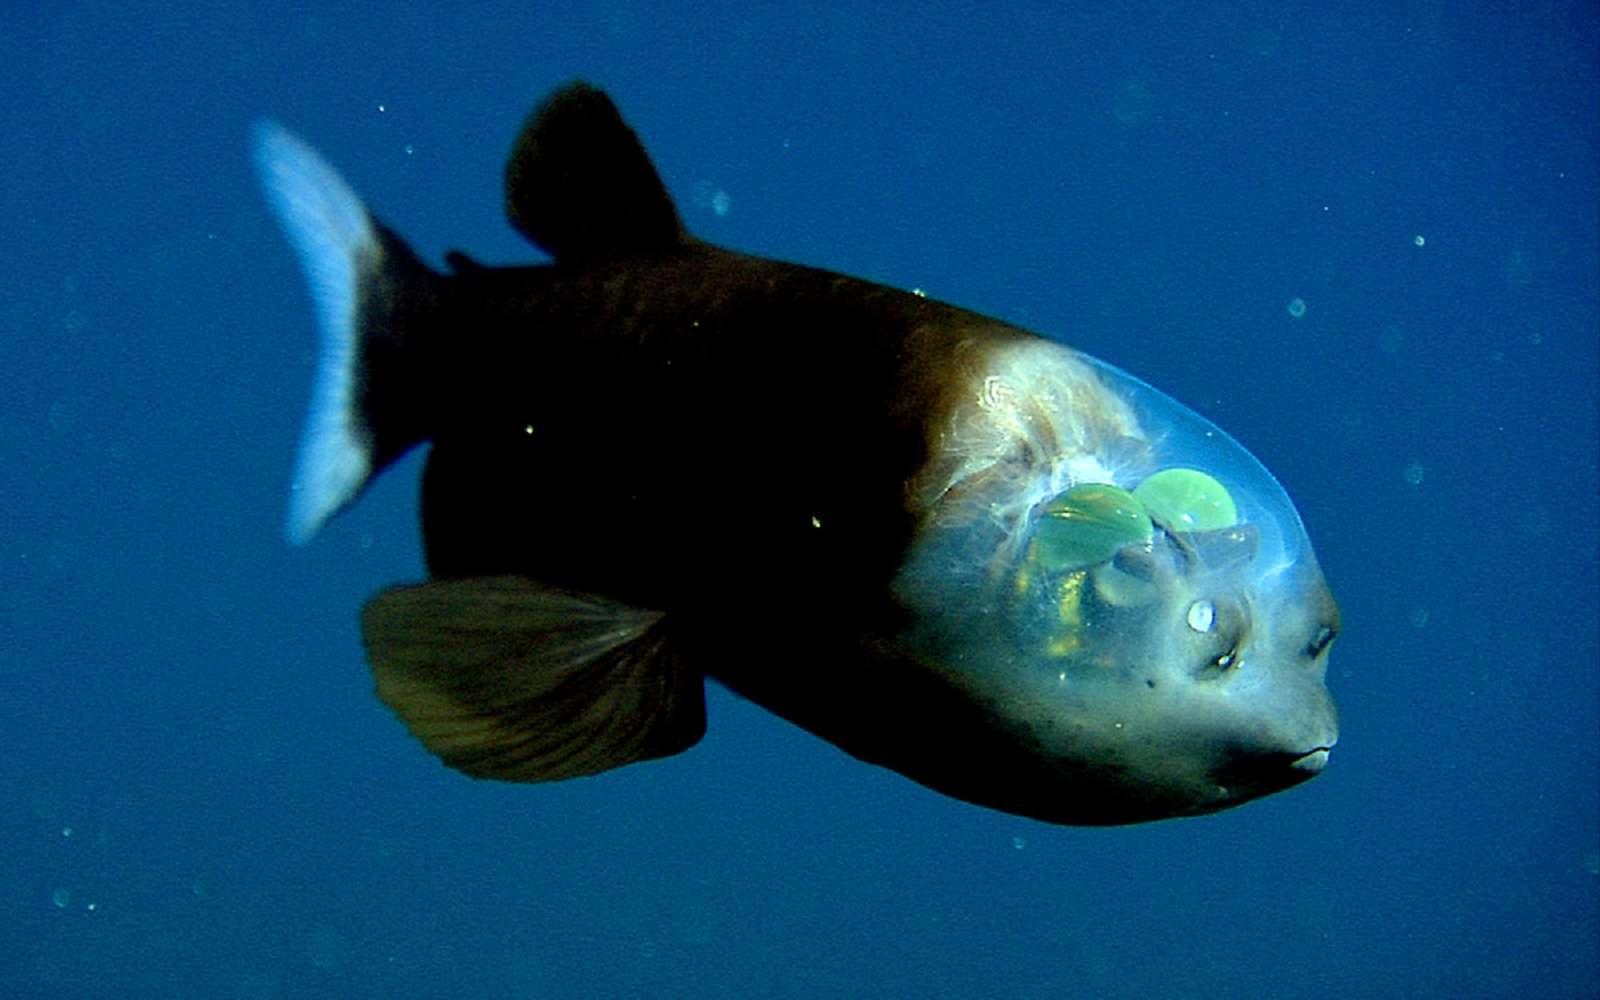 Un poisson-revenant, capturé par le robot sous-marin du Monterey Bay Aquarium Research Institute. © Mbari